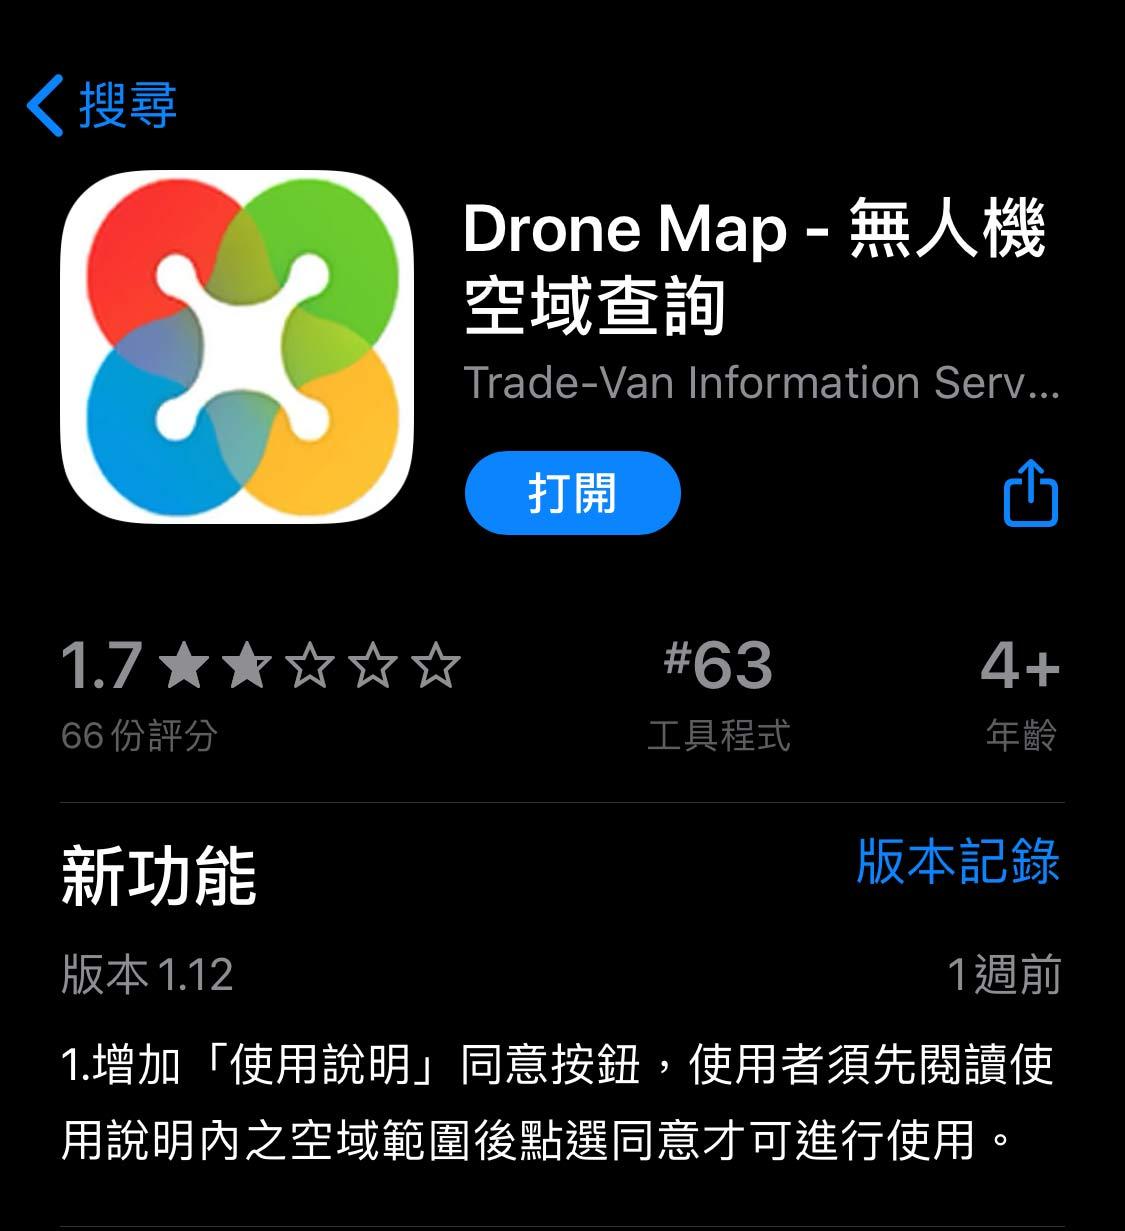 2020年4月開始,請用這個app查詢禁飛區地圖- Drone Map 無人機空域查詢